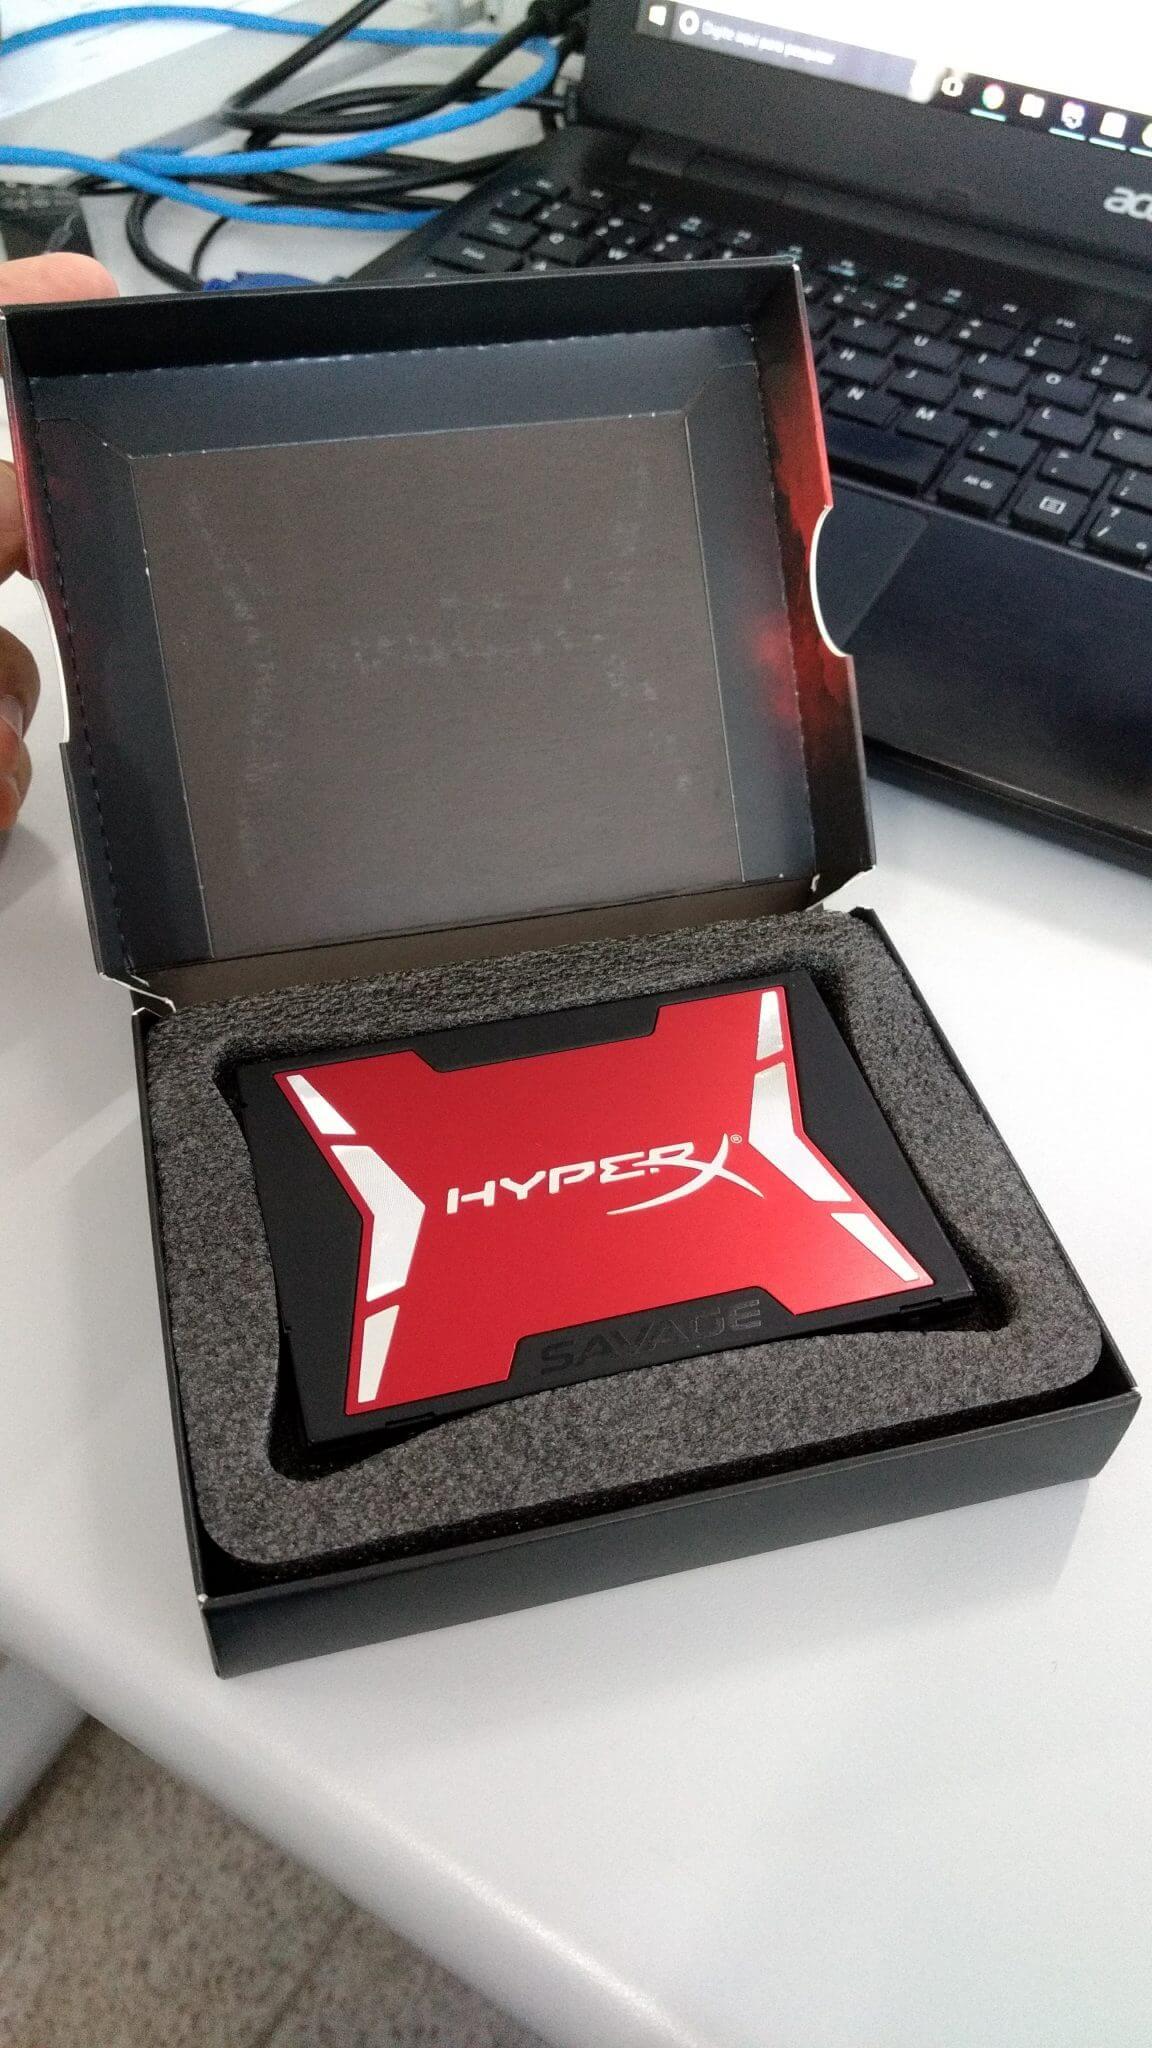 Review: SSD Kingston HyperX Savage 240GB